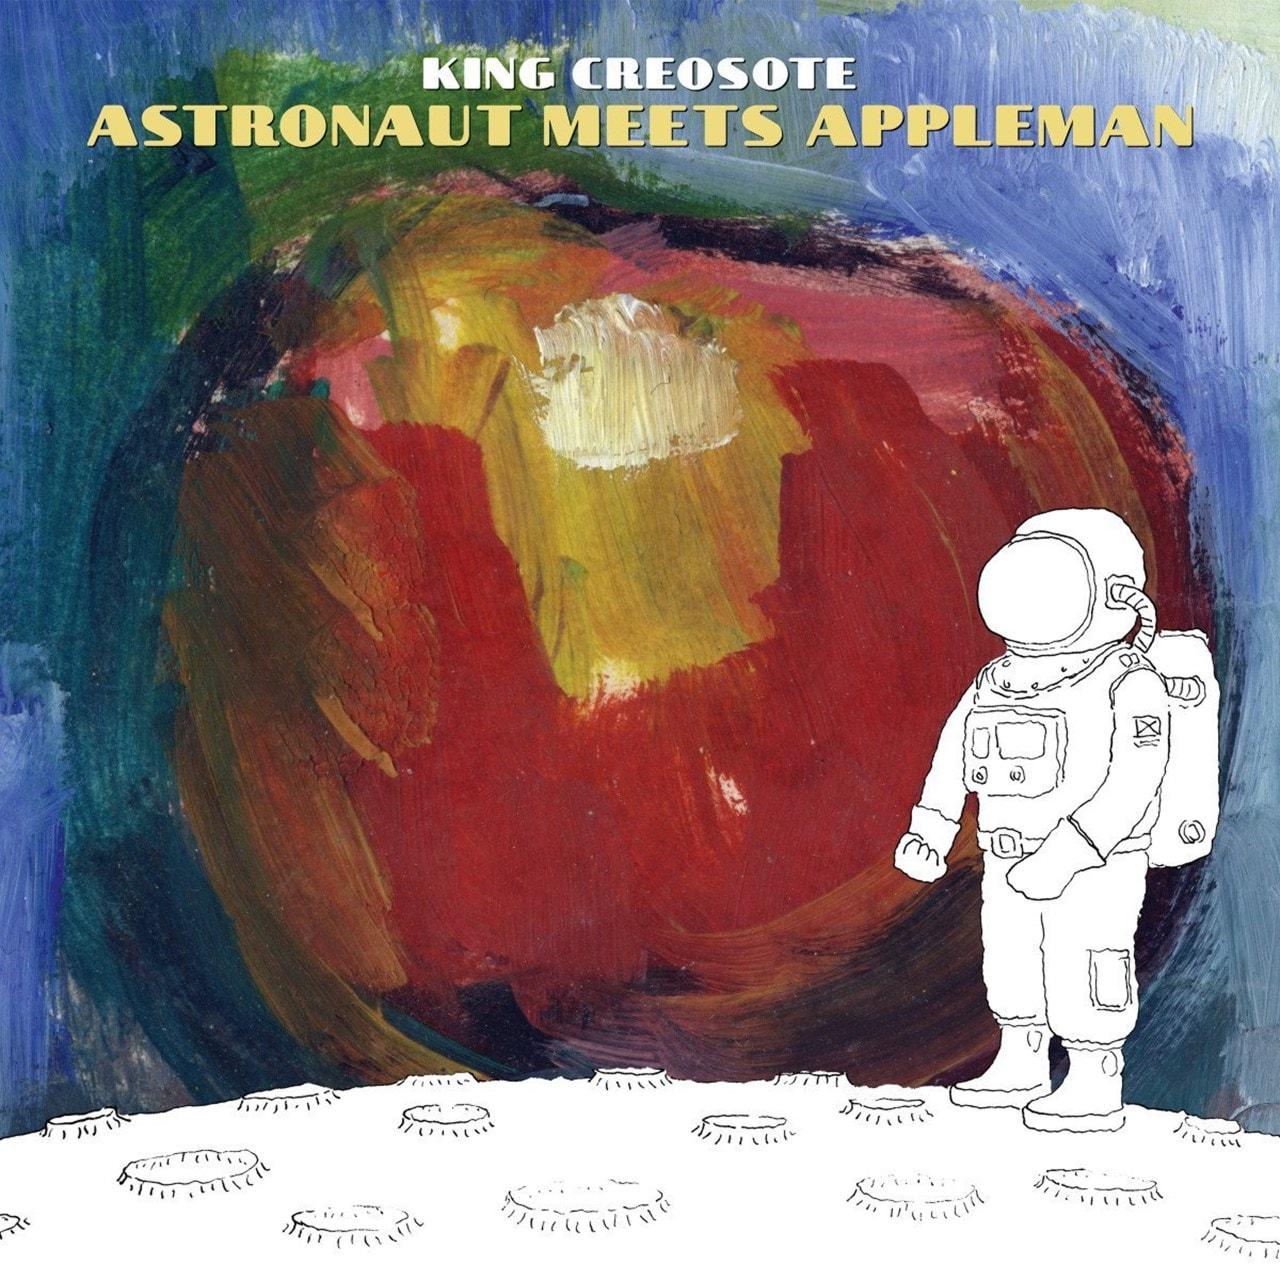 Astronaut Meets Appleman - 1